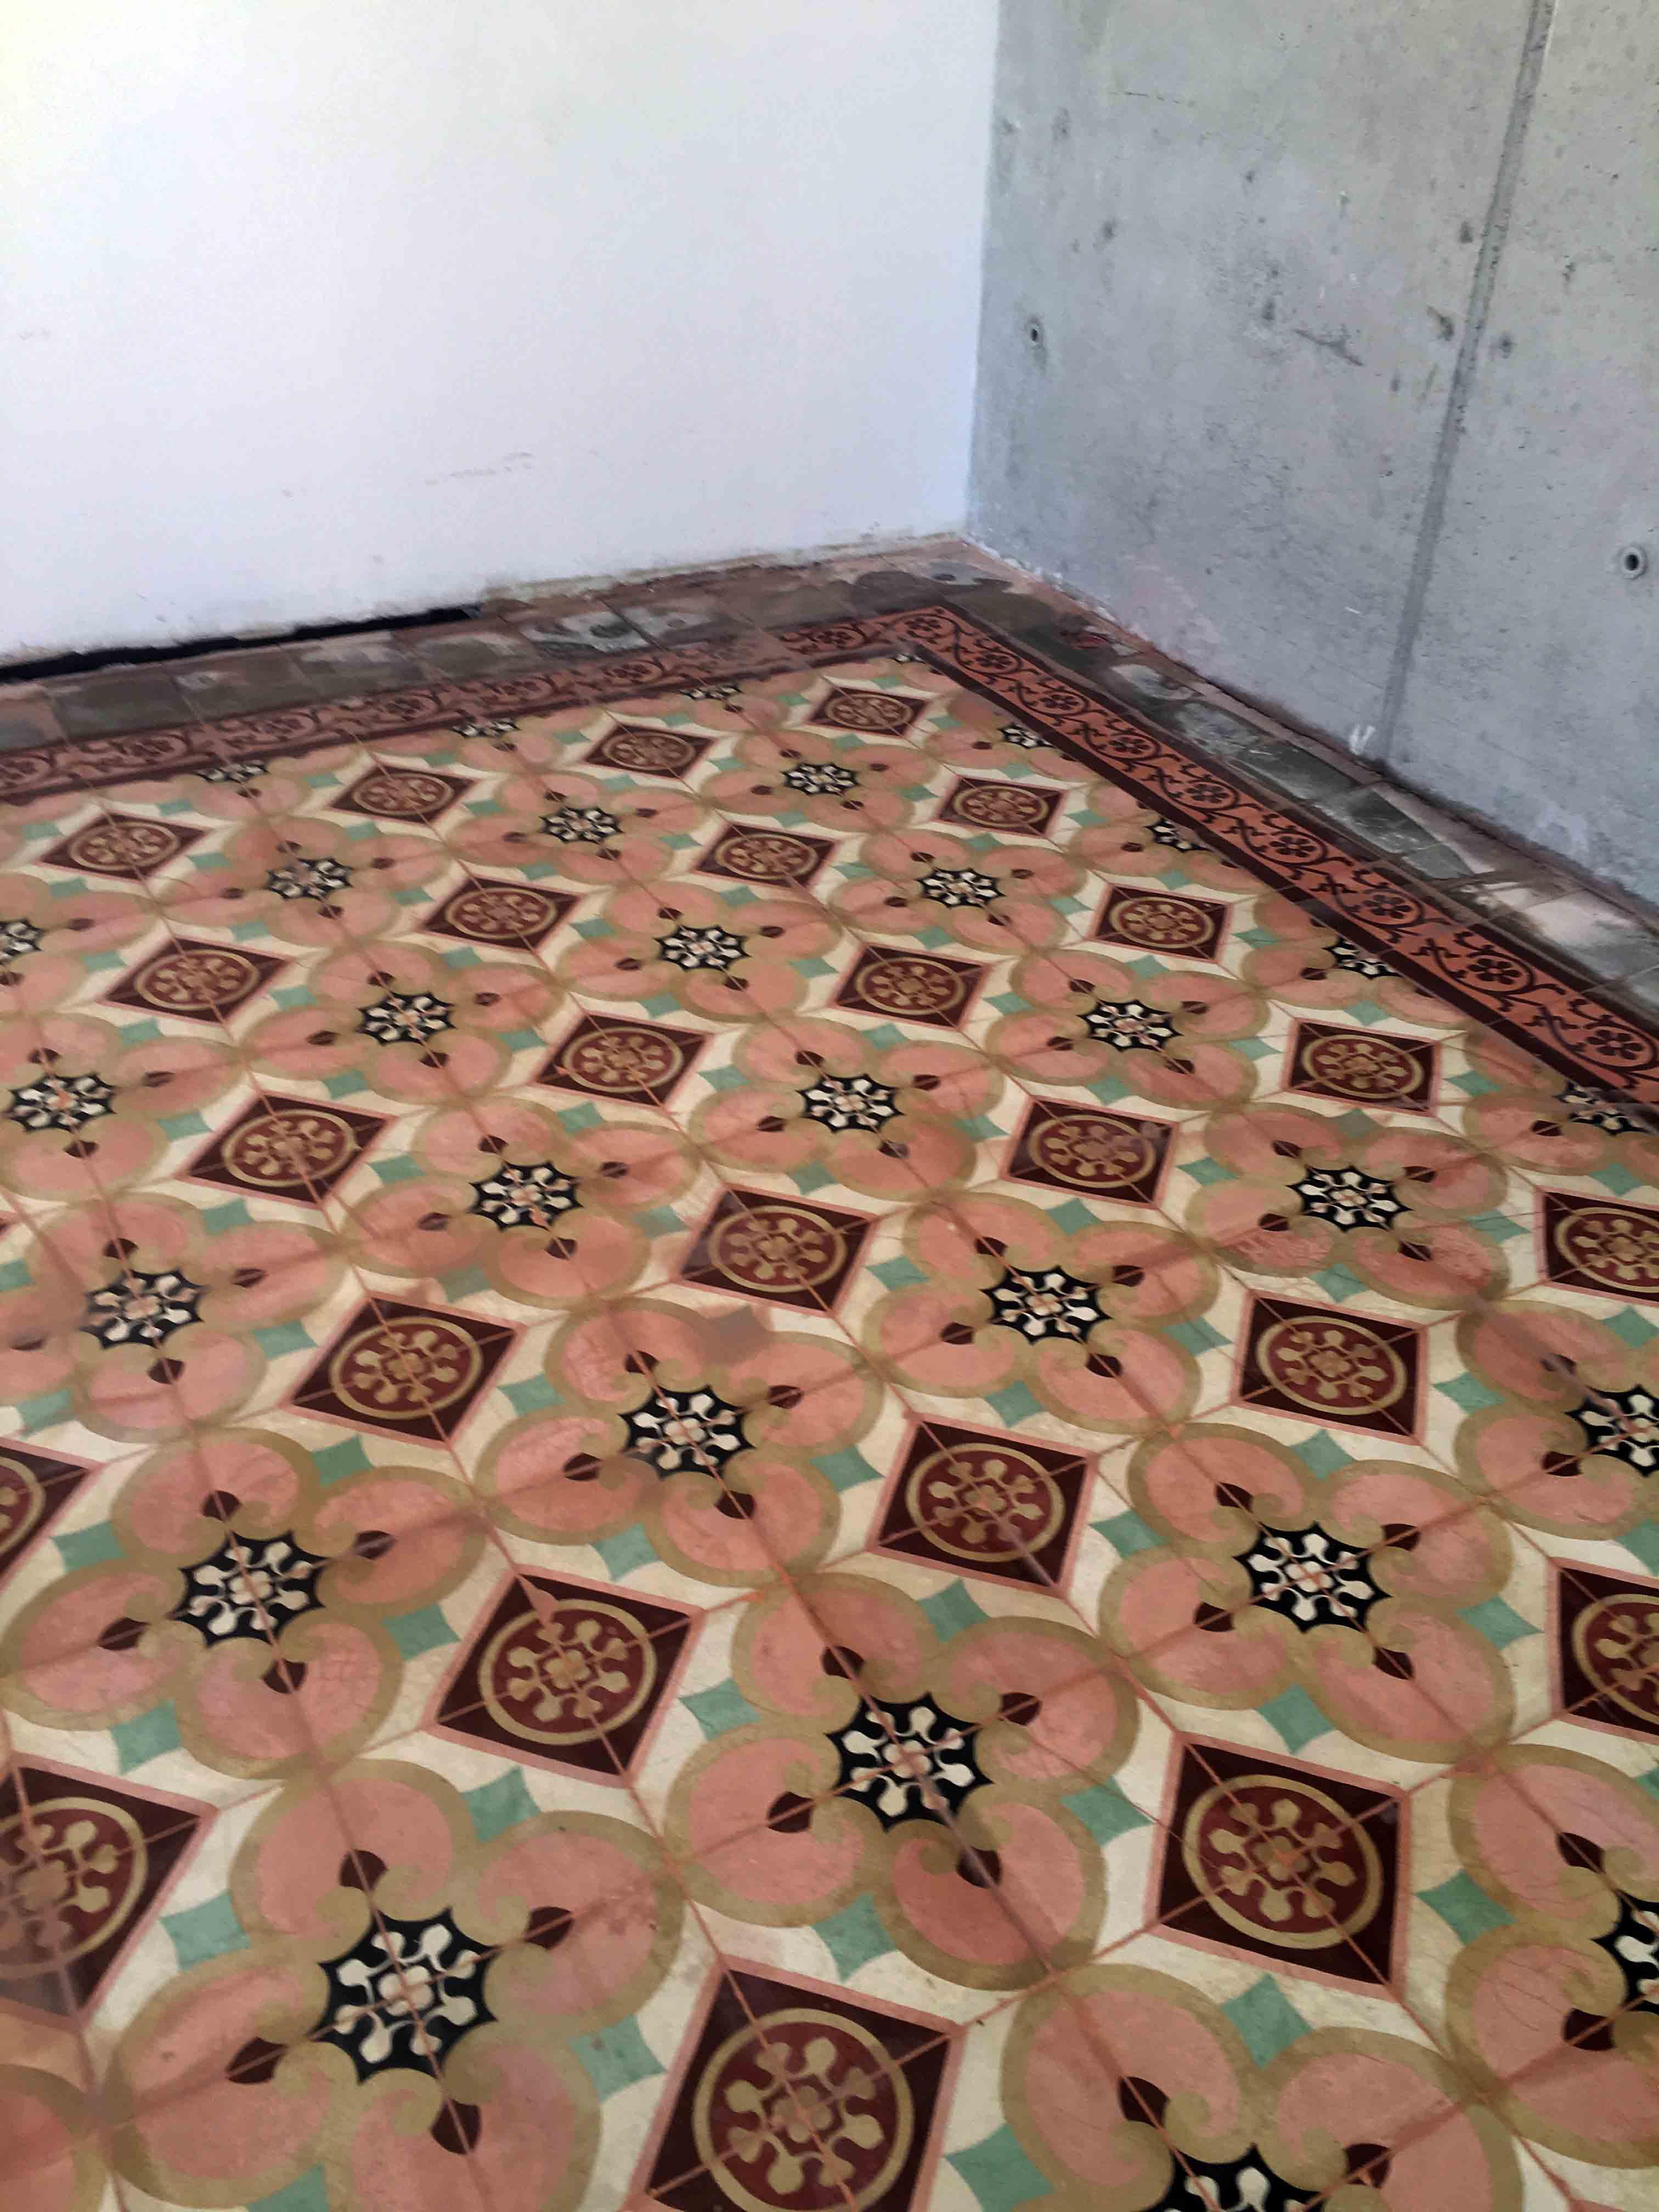 MosaicosBarcelona-Recuperacción-abrillantado-y-acristalado-de-suelos-de-mosaico-hidraulico-en-vivienda-en-Mallorca-Baleares-10